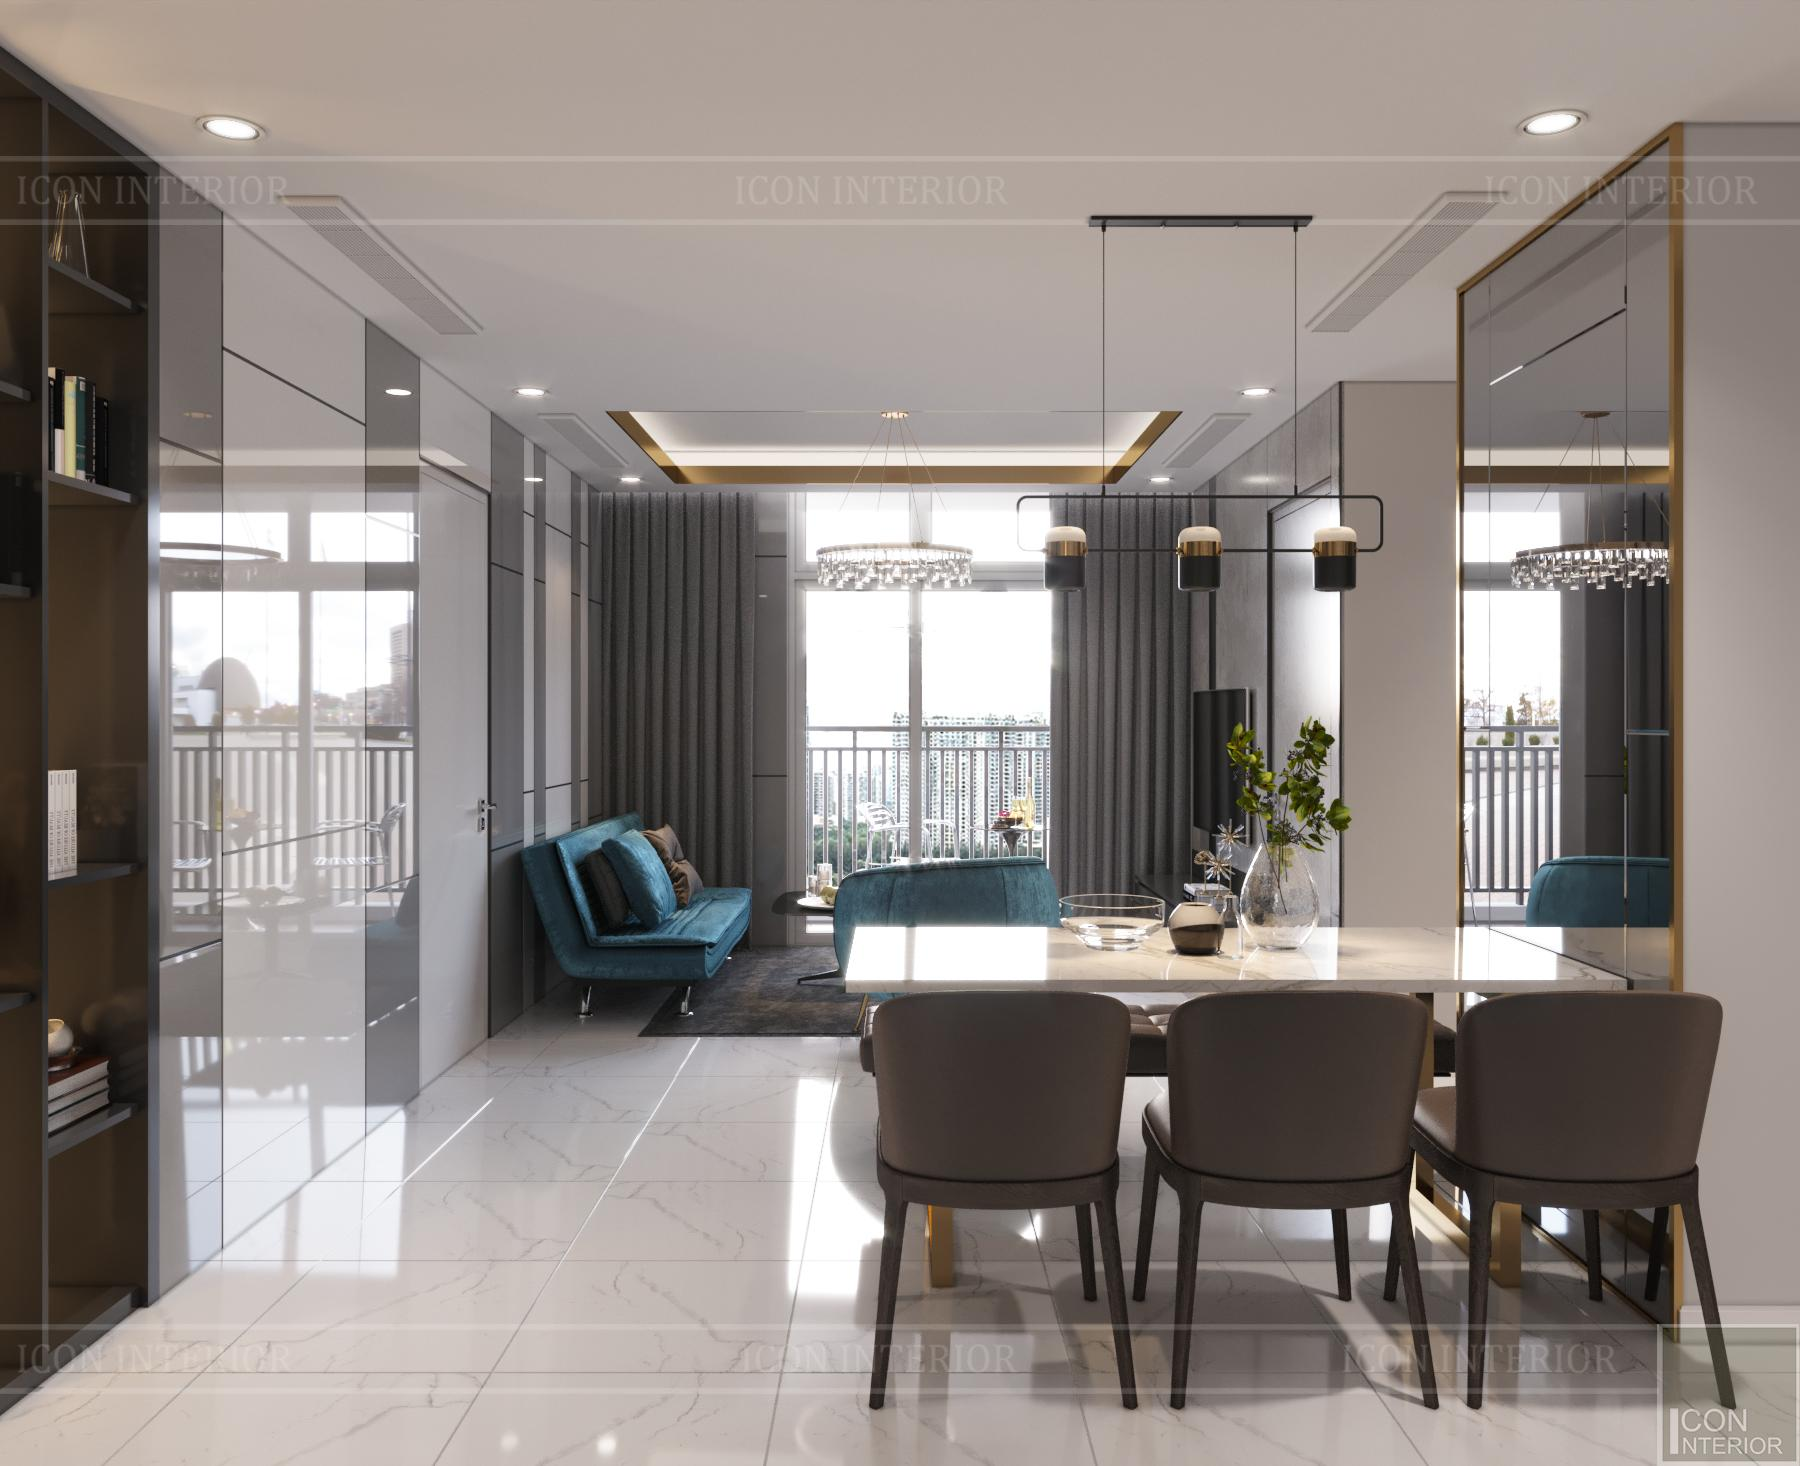 thiết kế căn hộ 3 phòng ngủ hiện đại - phòng khách bếp